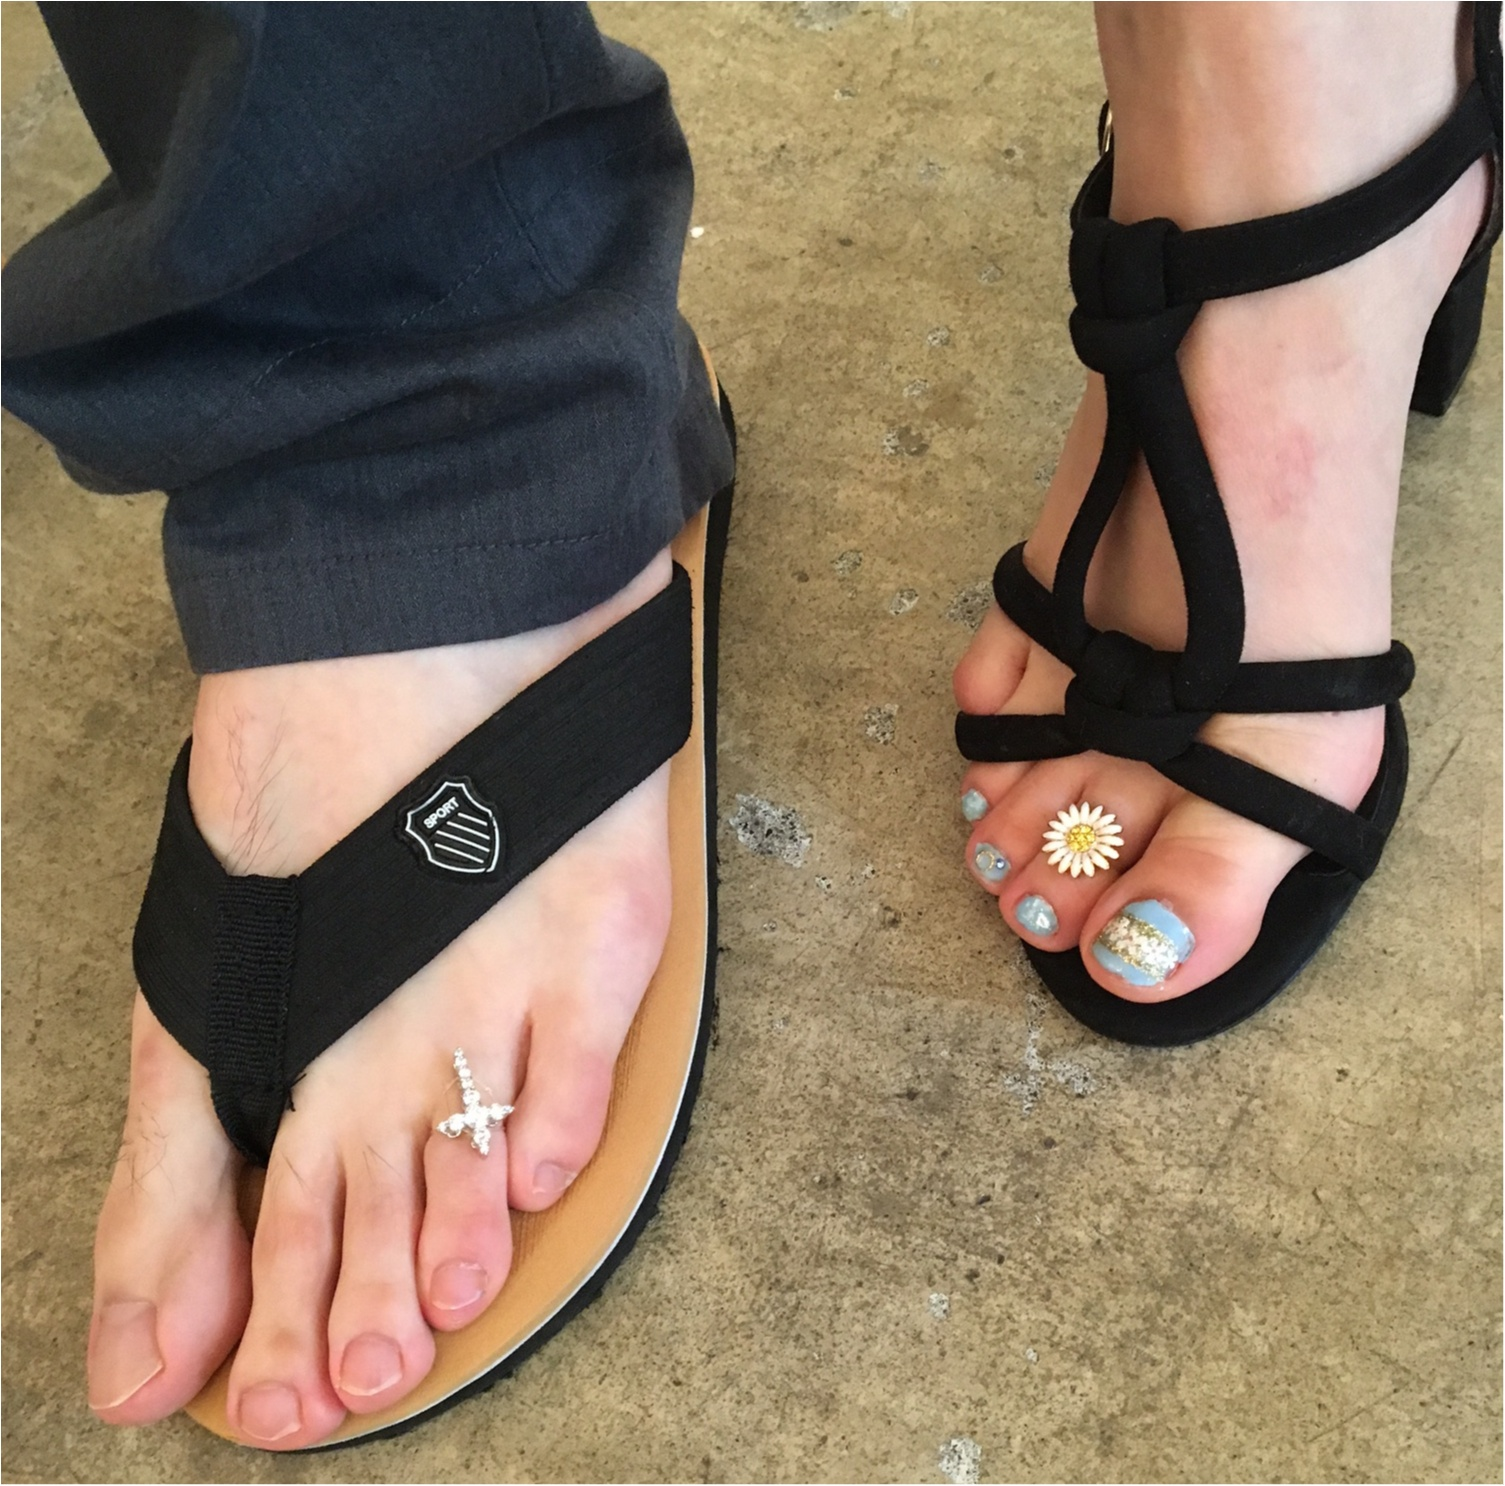 """夏の足もと、ペディキュアだけでいいの? 『Floats!』のトゥーリングであなたも""""トゥーラー""""になっちゃおう♡_4"""